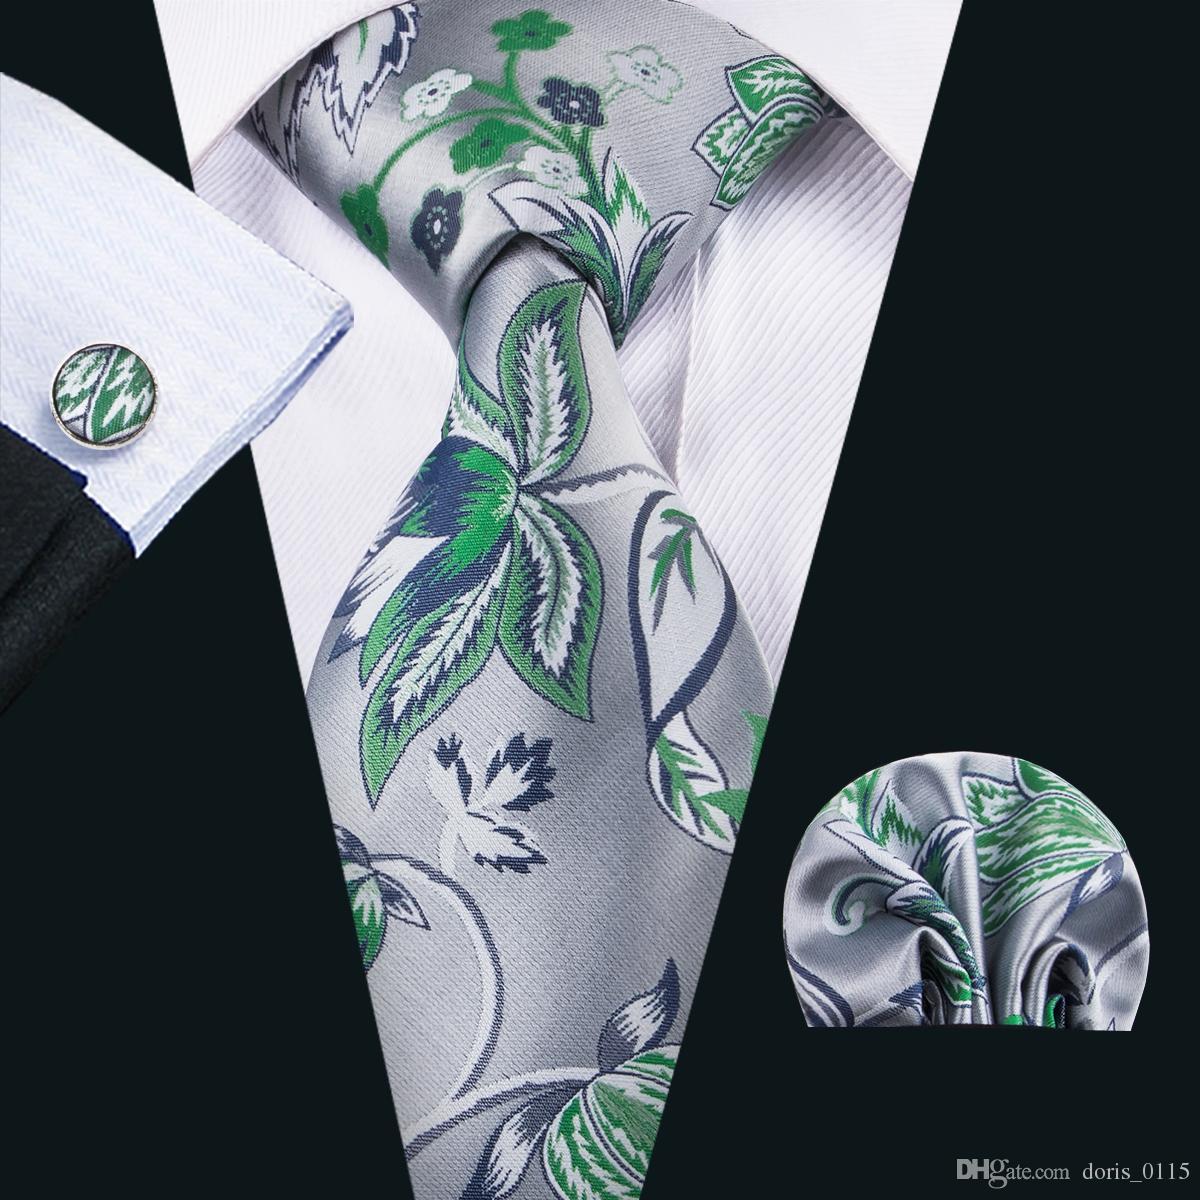 China Laços de seda Homens Silva e Green Beautiful Gravatas Handkerchief Cufflinks ajustados para a ocasião ocasional formal N-1604